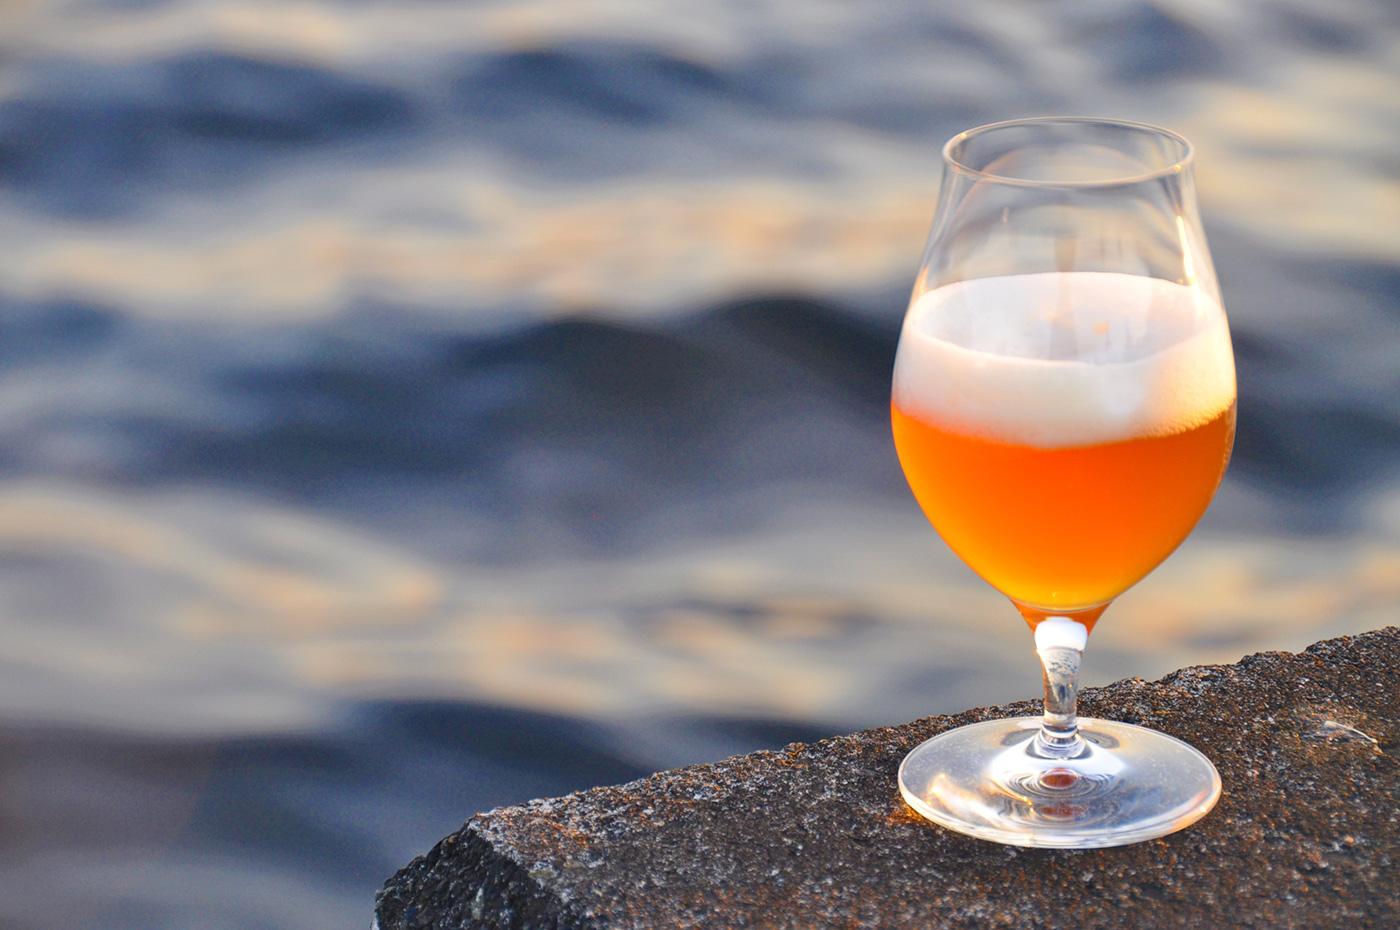 【飲食業の方におすすめ!】ビール&ワイン&山海の恵みに舌鼓!美味しい伊豆2日間